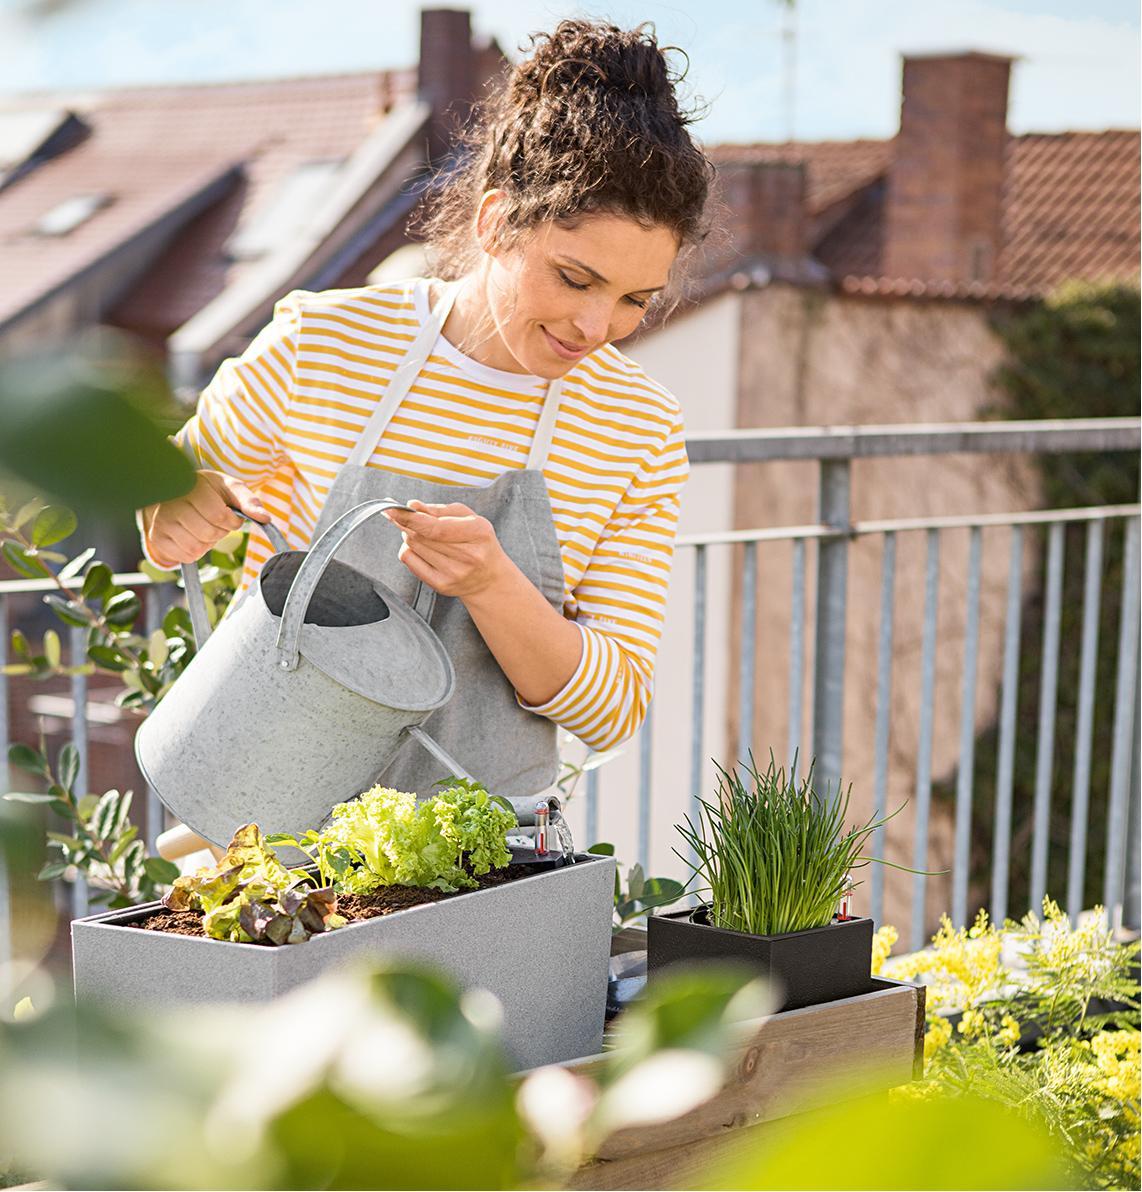 Una mujer riega su ensalada plantada